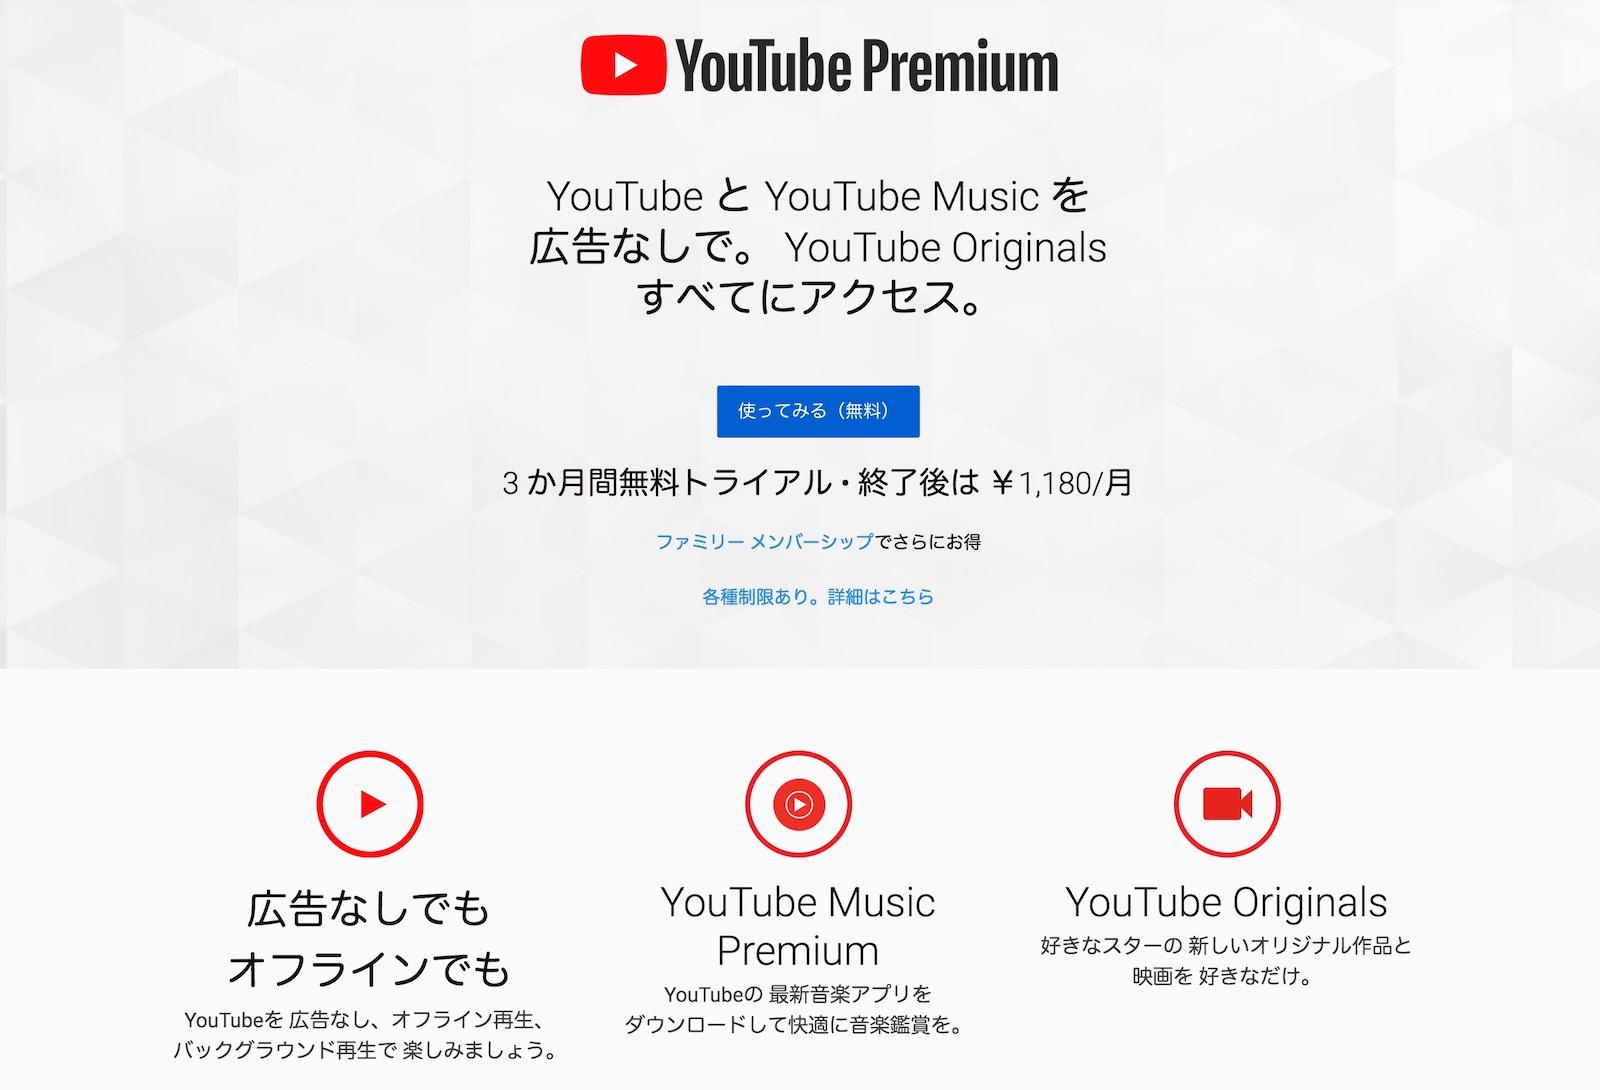 Premium ファミリー youtube